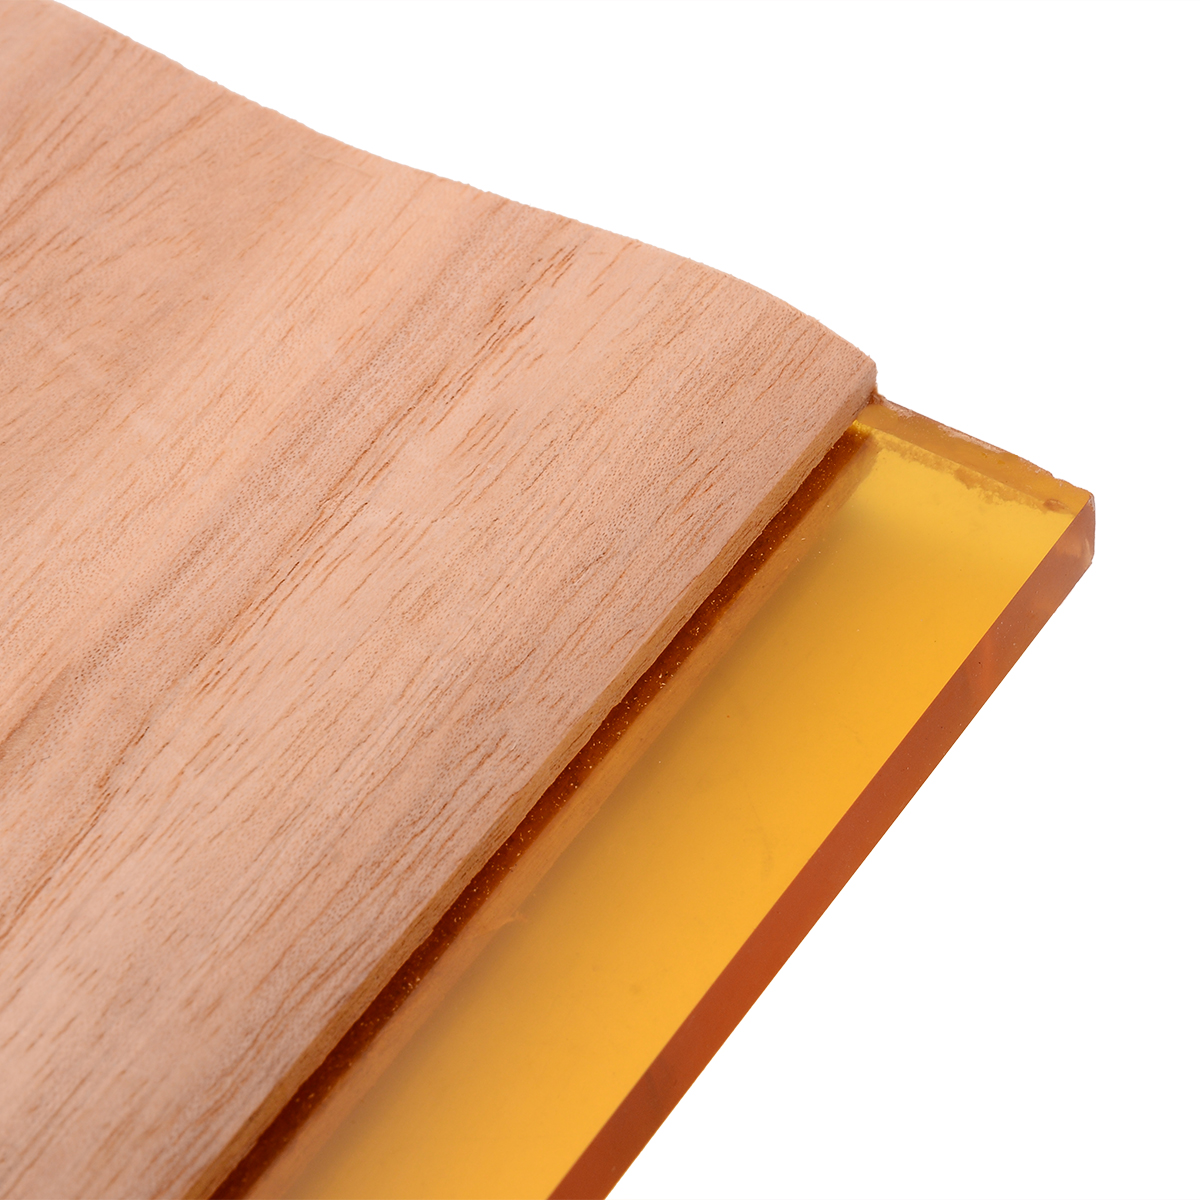 6 pulgadas de longitud Serigrafía Escurridor Mango de madera Seda - Piezas para maquinas de carpinteria - foto 6